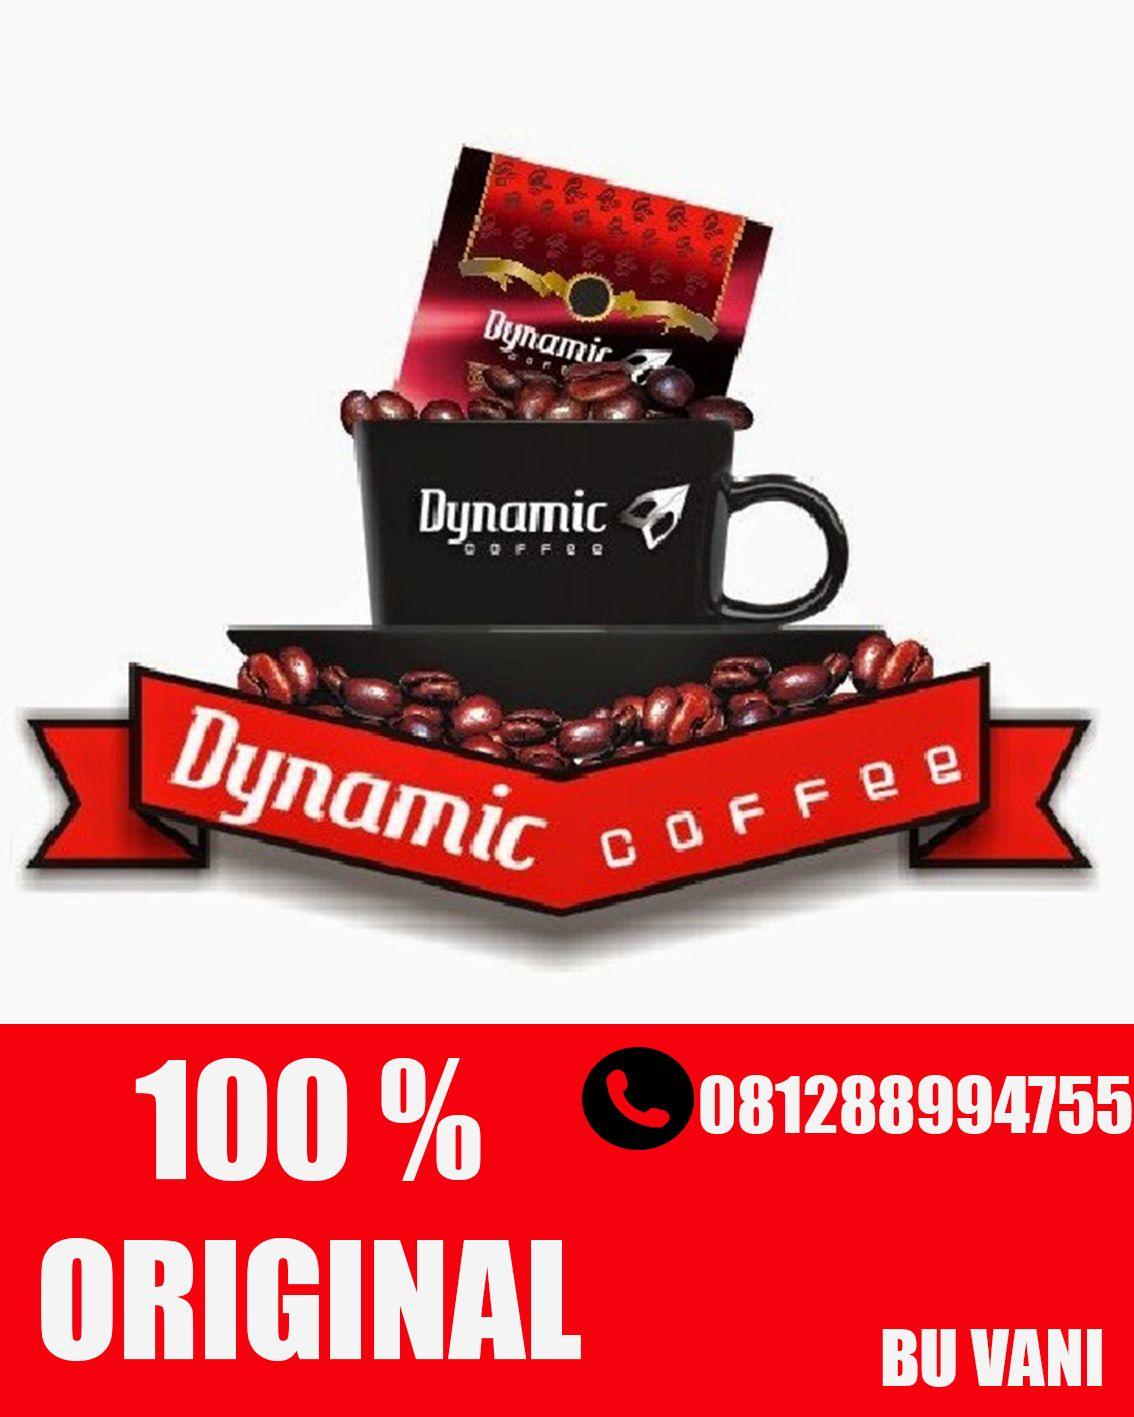 New Dynamic Coffee Dibuat Dari Kopi Terbaik Pilihan Yang Dipetik Morgan Sehat Pria Wanita Dengan Tangan Melalui Prosedur Kwalitas Pemilihan